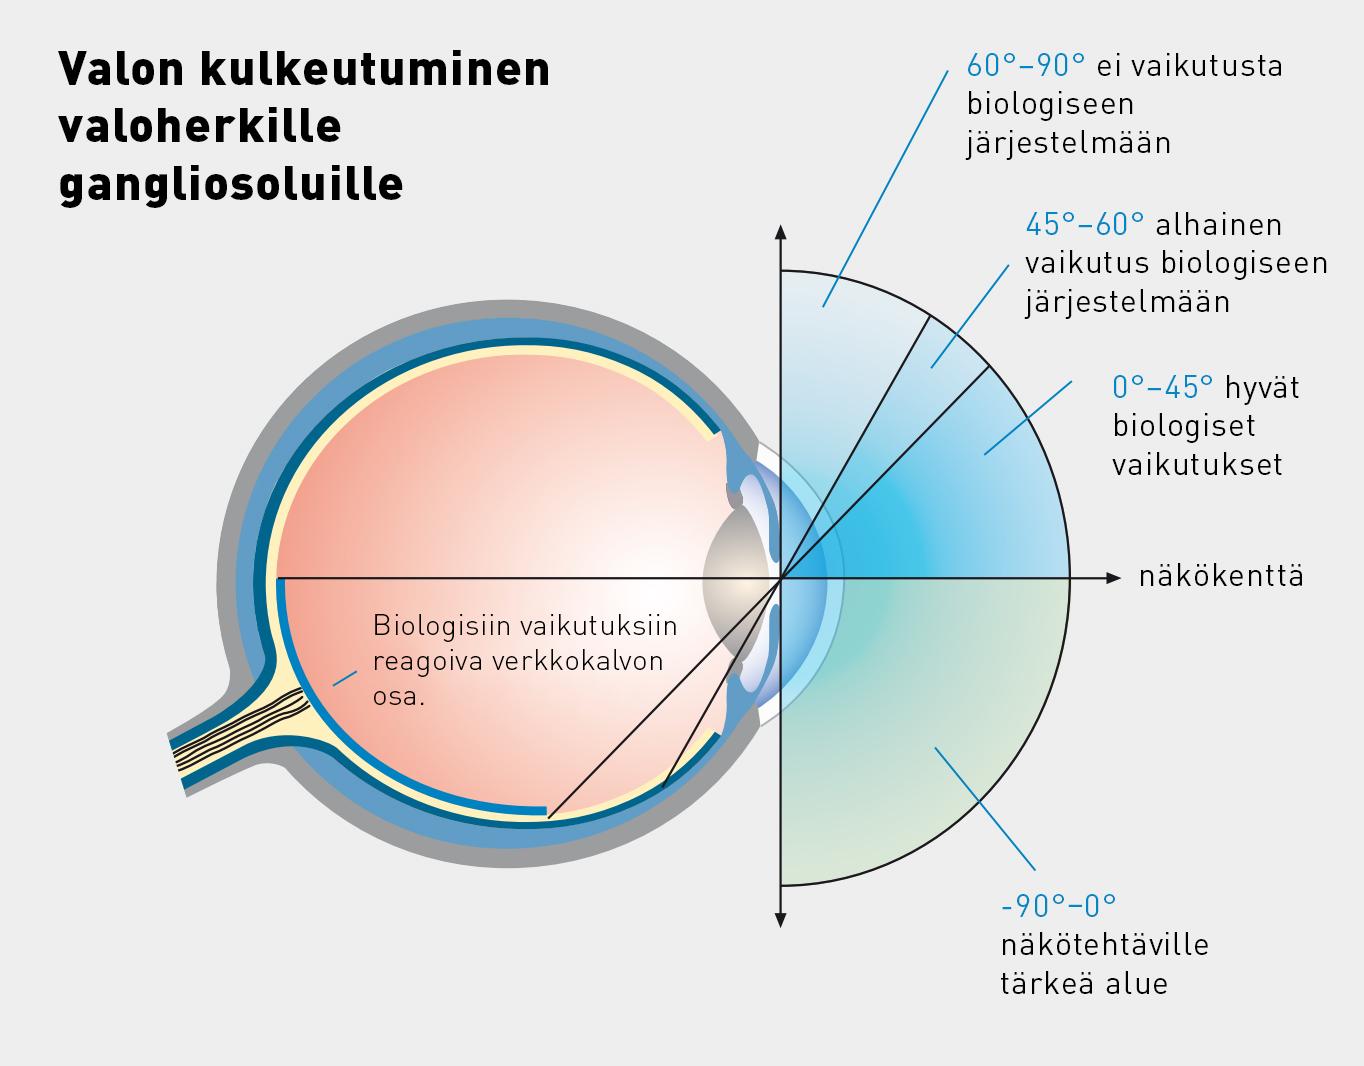 Biologisten vaikutusten kannalta oleellista on verkkokalvon valoherkille gangliosoluille pääsevän valon määrä. Alkuperäinen kuva licht.de.